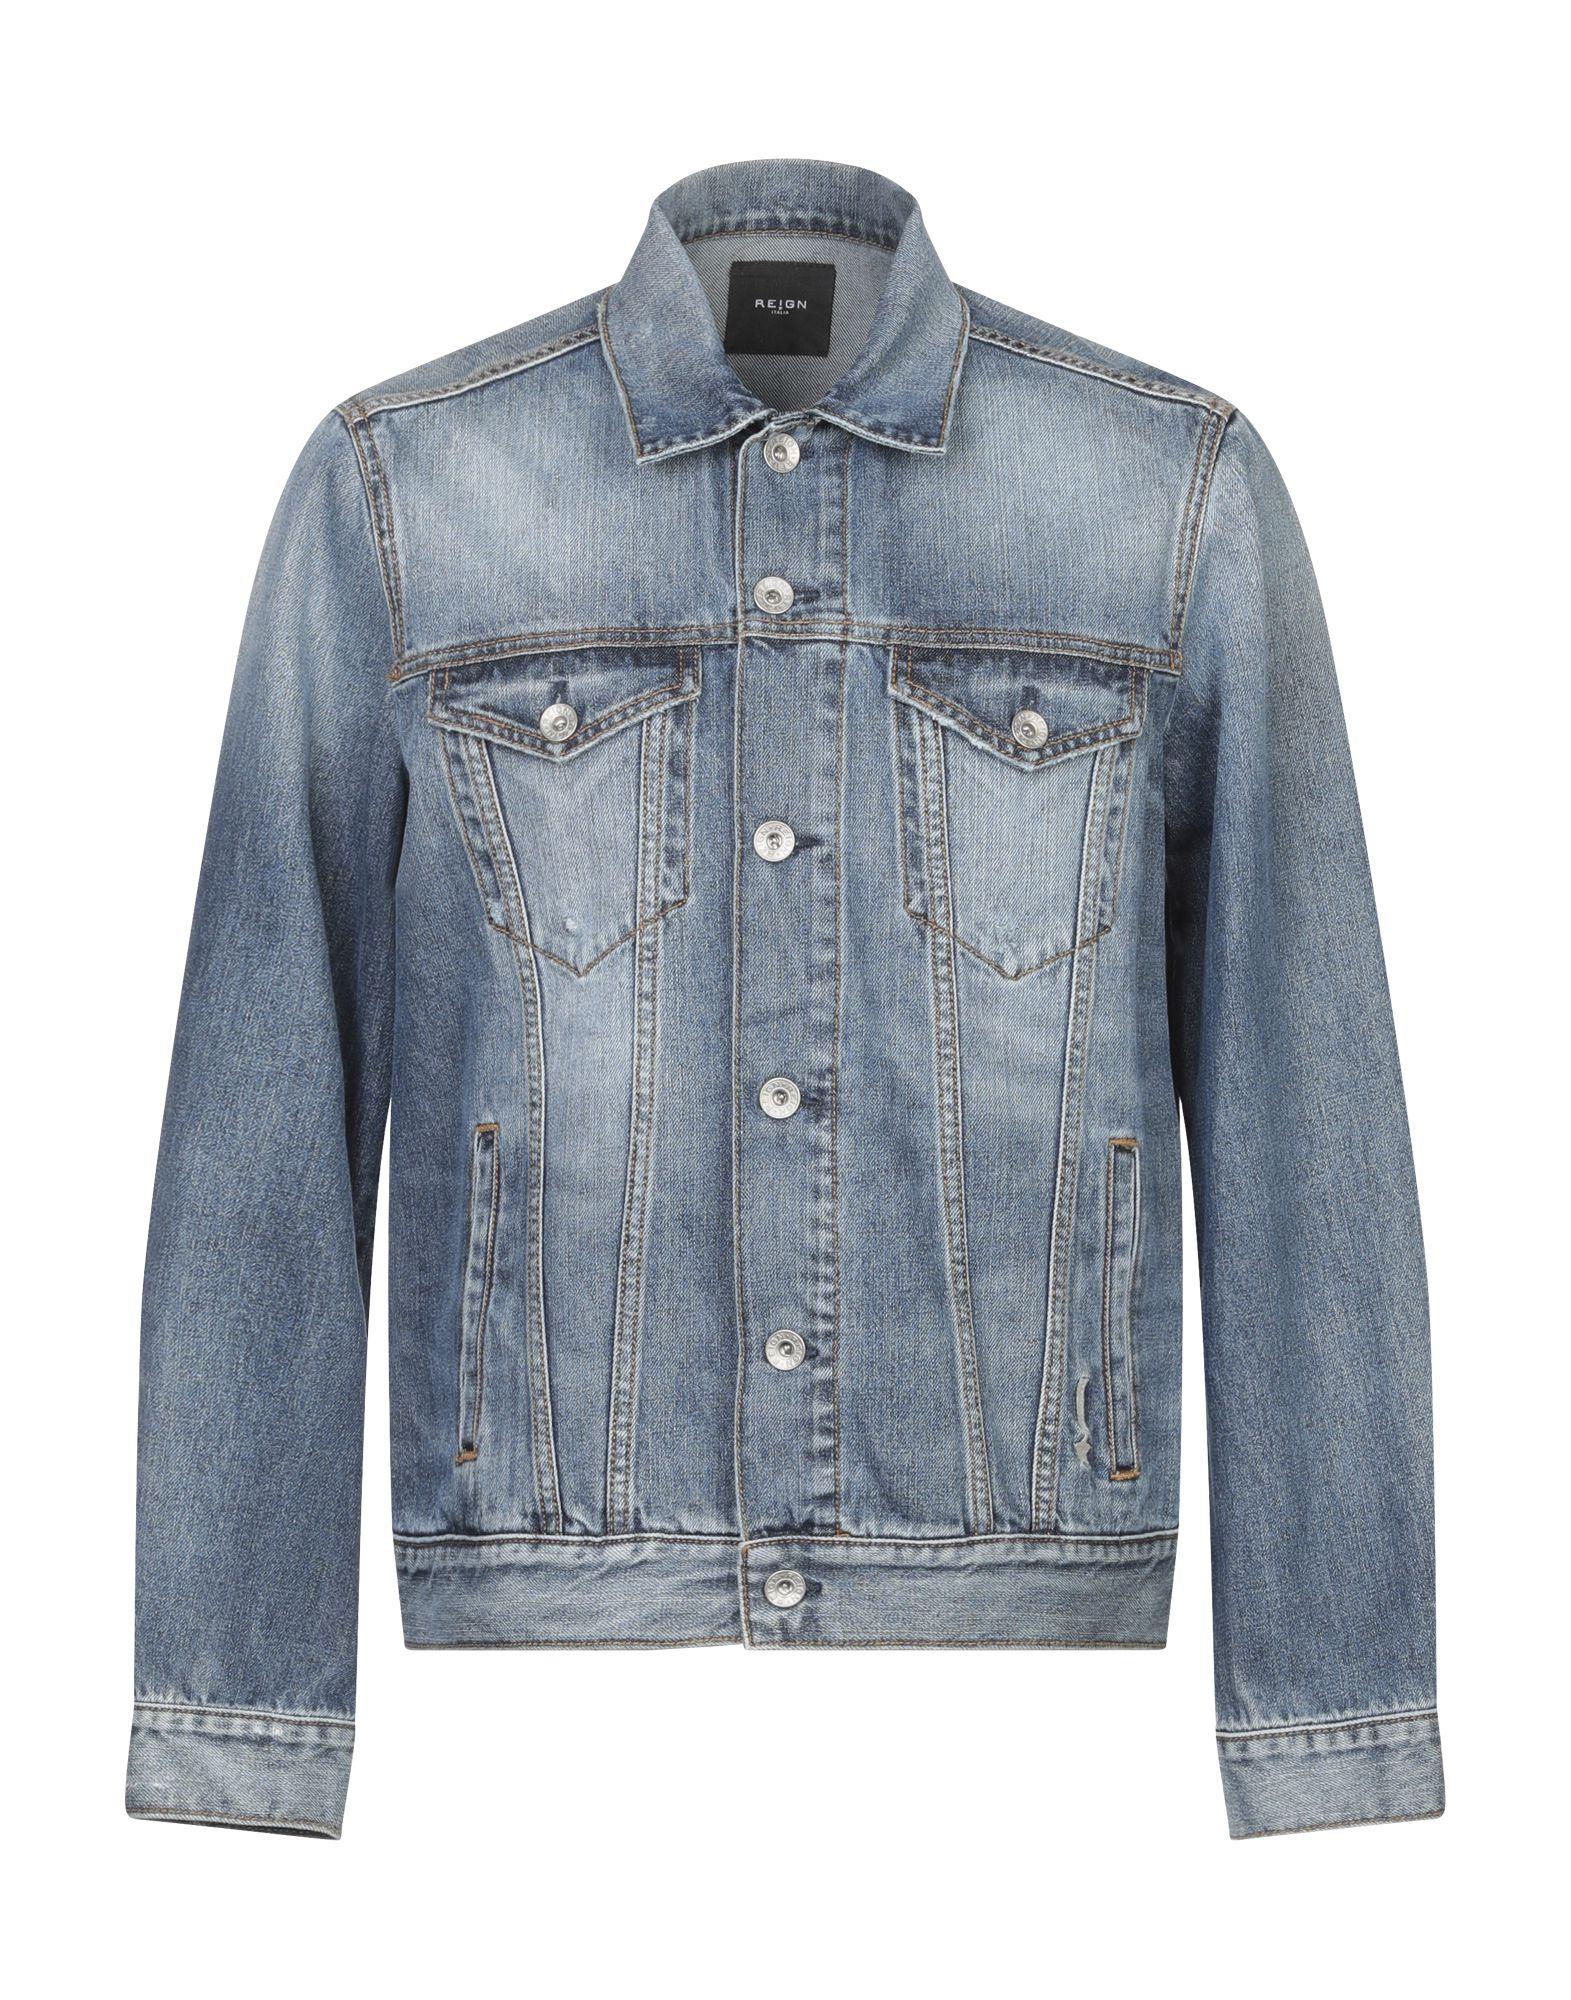 Фото - REIGN Джинсовая верхняя одежда reign джинсовая верхняя одежда